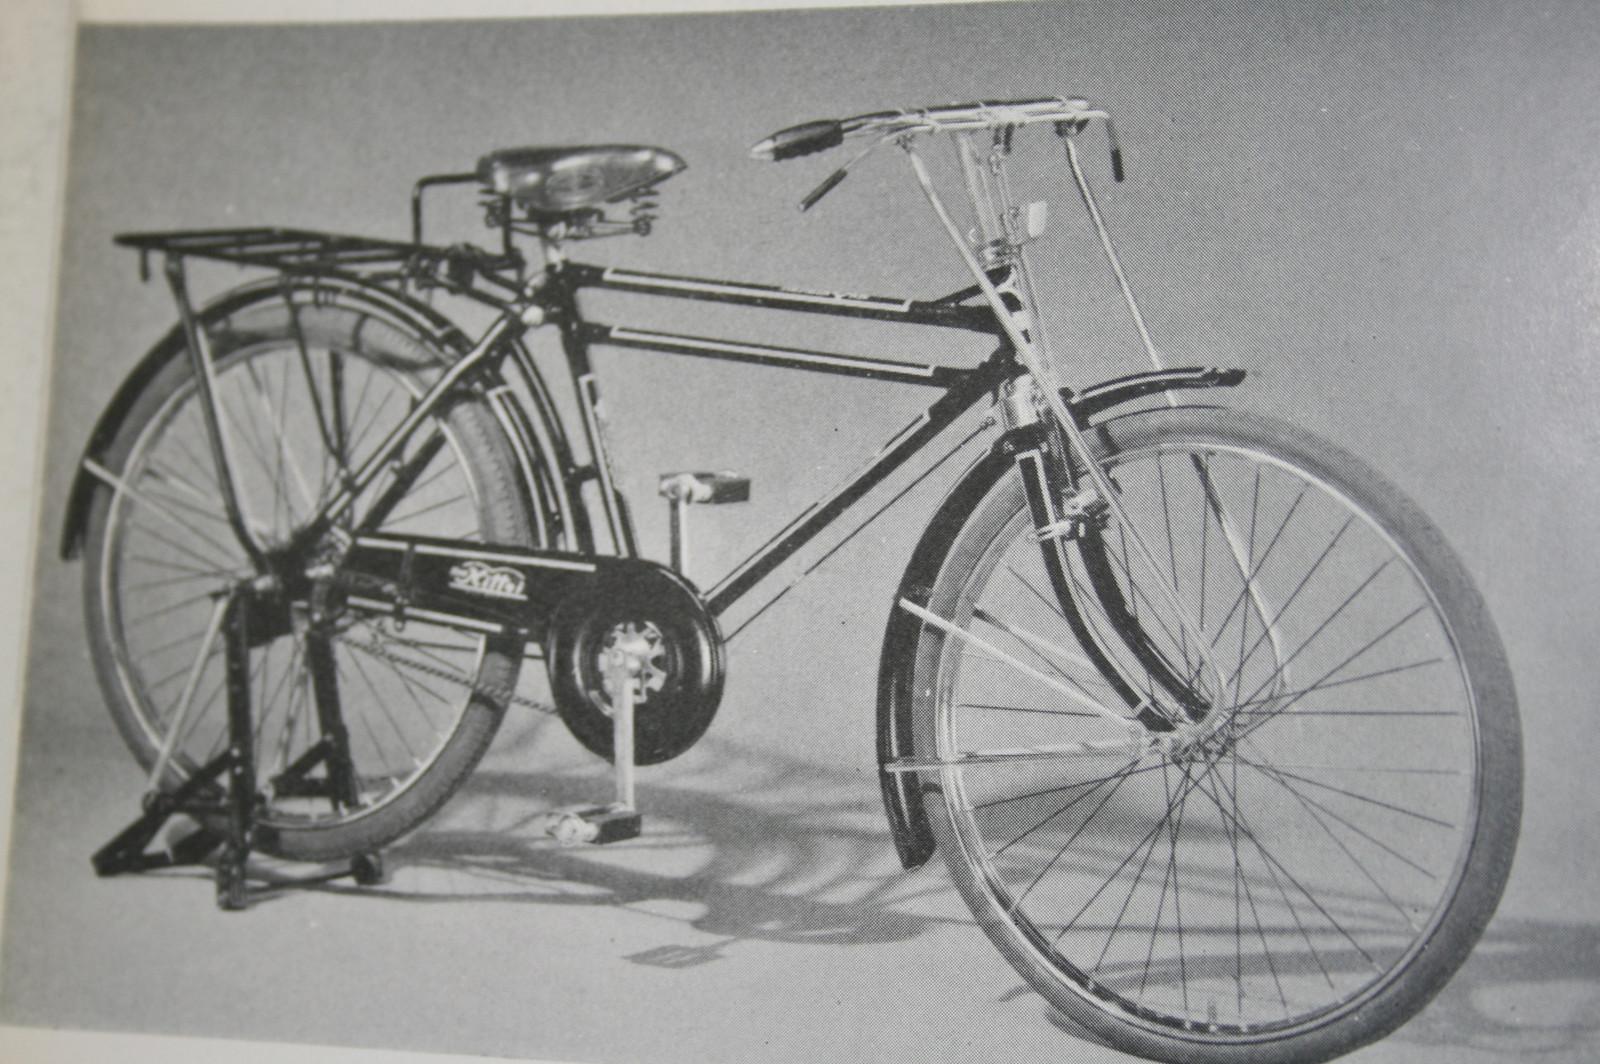 昭和自転車 Vintage Japanese Bicycles